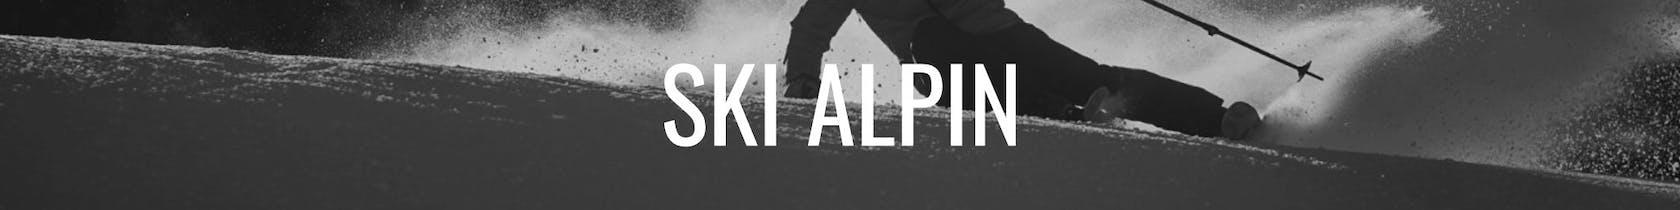 Onlineshop Ski Alpin - Bekleidung | Schuhe | Ausrüstung